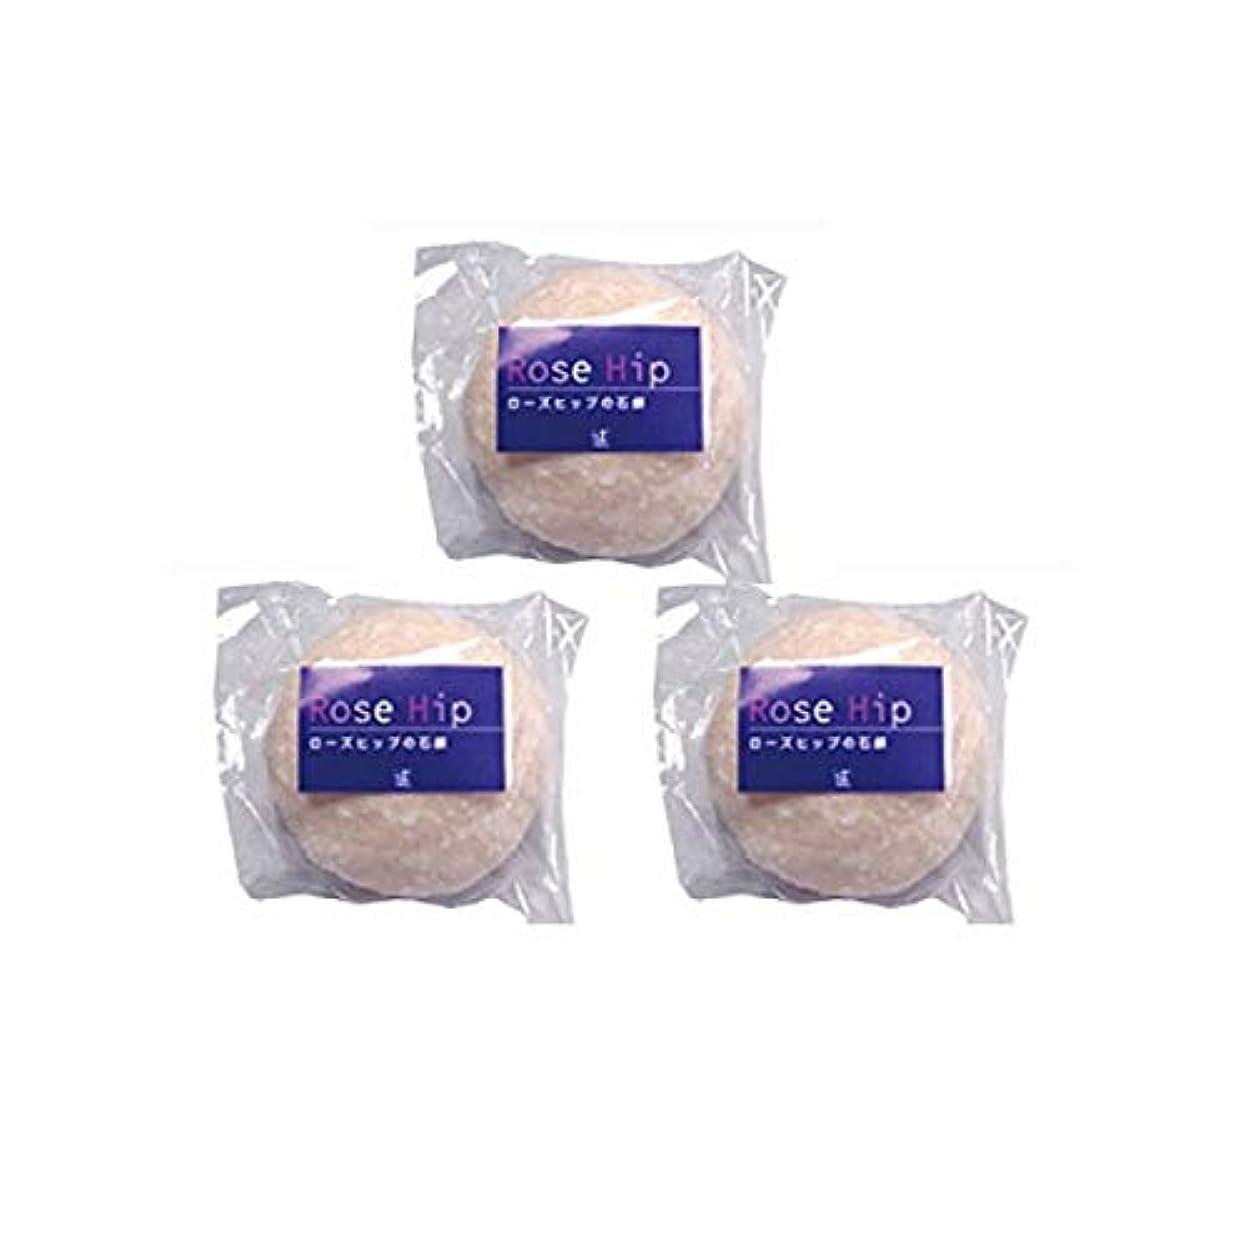 トレーダー筋肉の回転山澤清ローズヒップ石鹸3個セット(70g×3個)スパール山澤清のローズヒップ無添加洗顔石鹸